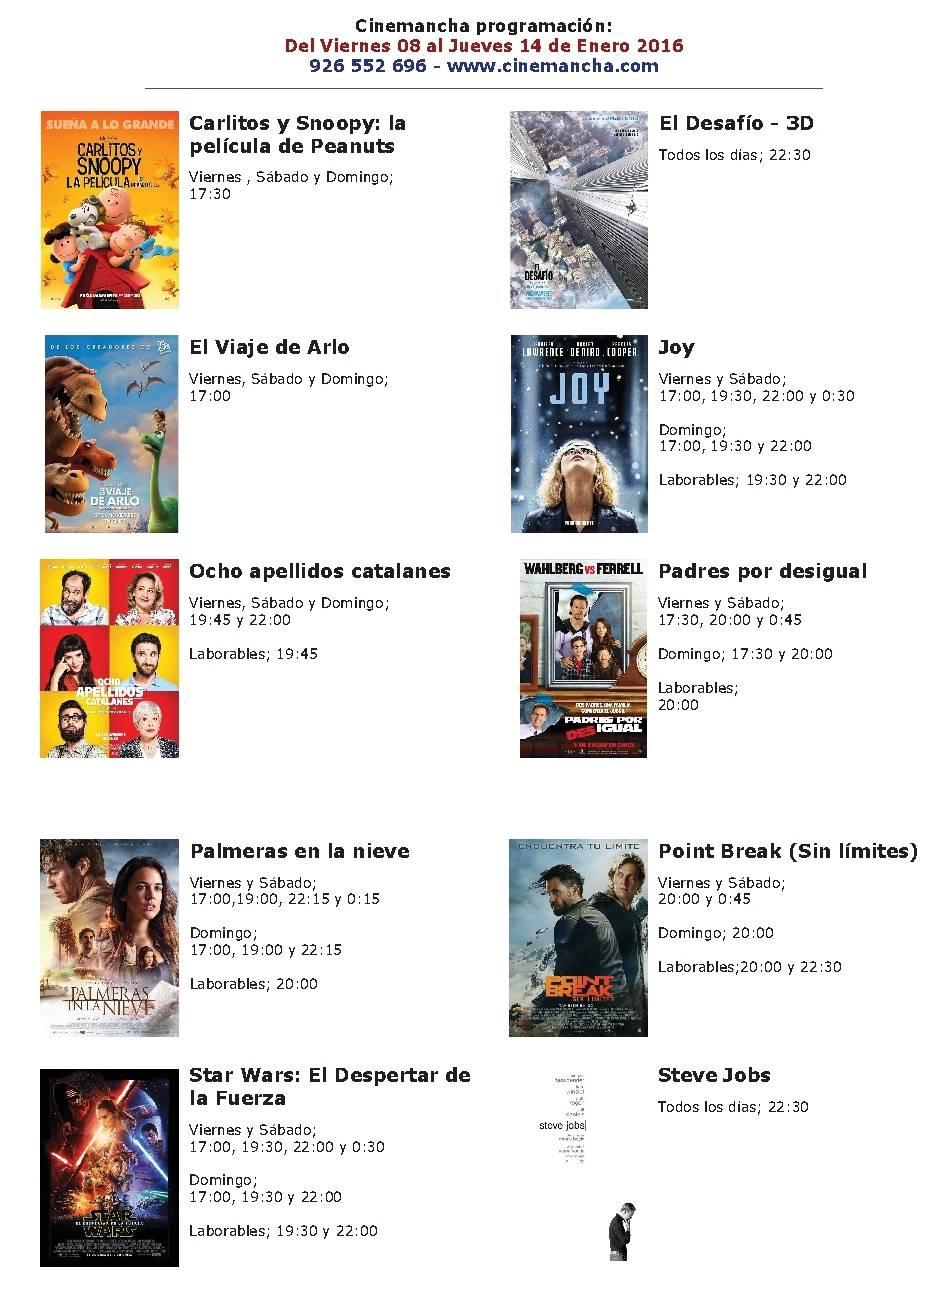 cartelera semana del 08 al 14 de enero - Cartelera de Cinemancha del 8 al 14 de enero